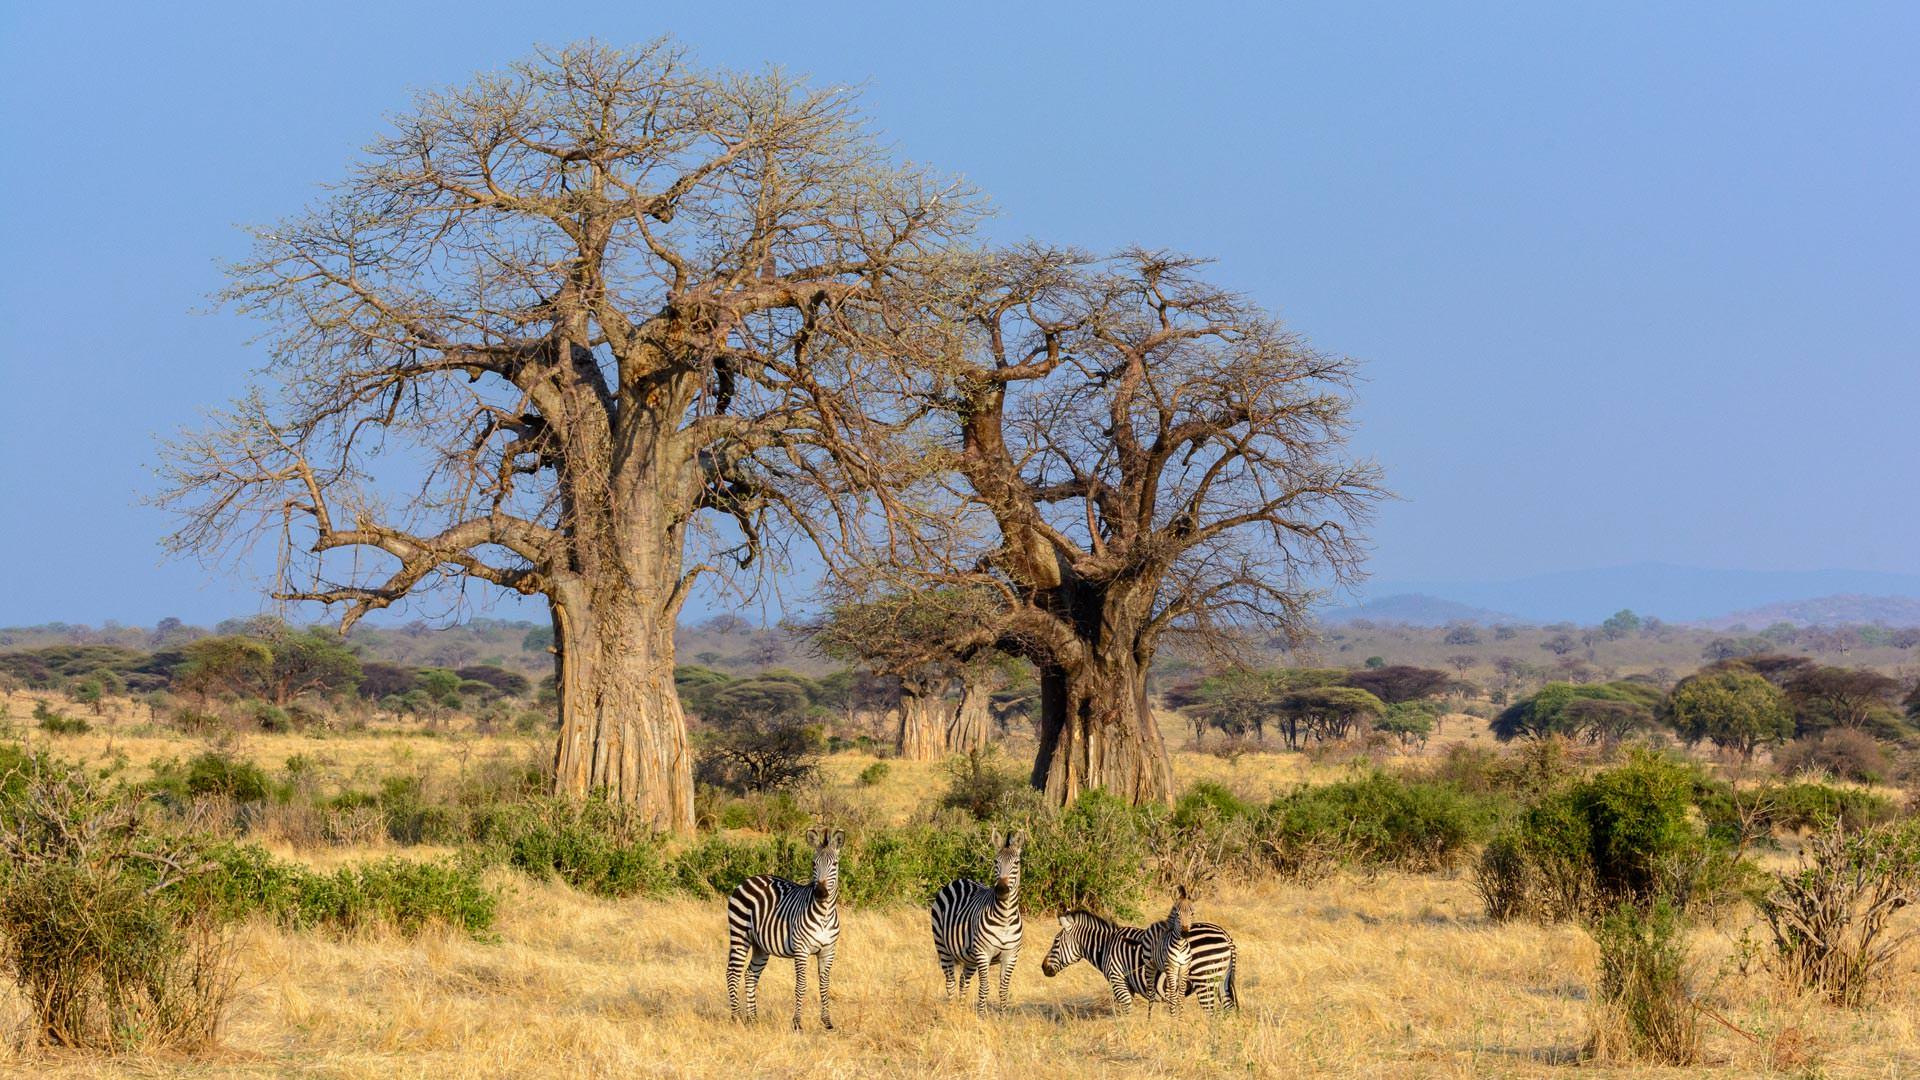 Zebra and Baobab near Jabali Ridge